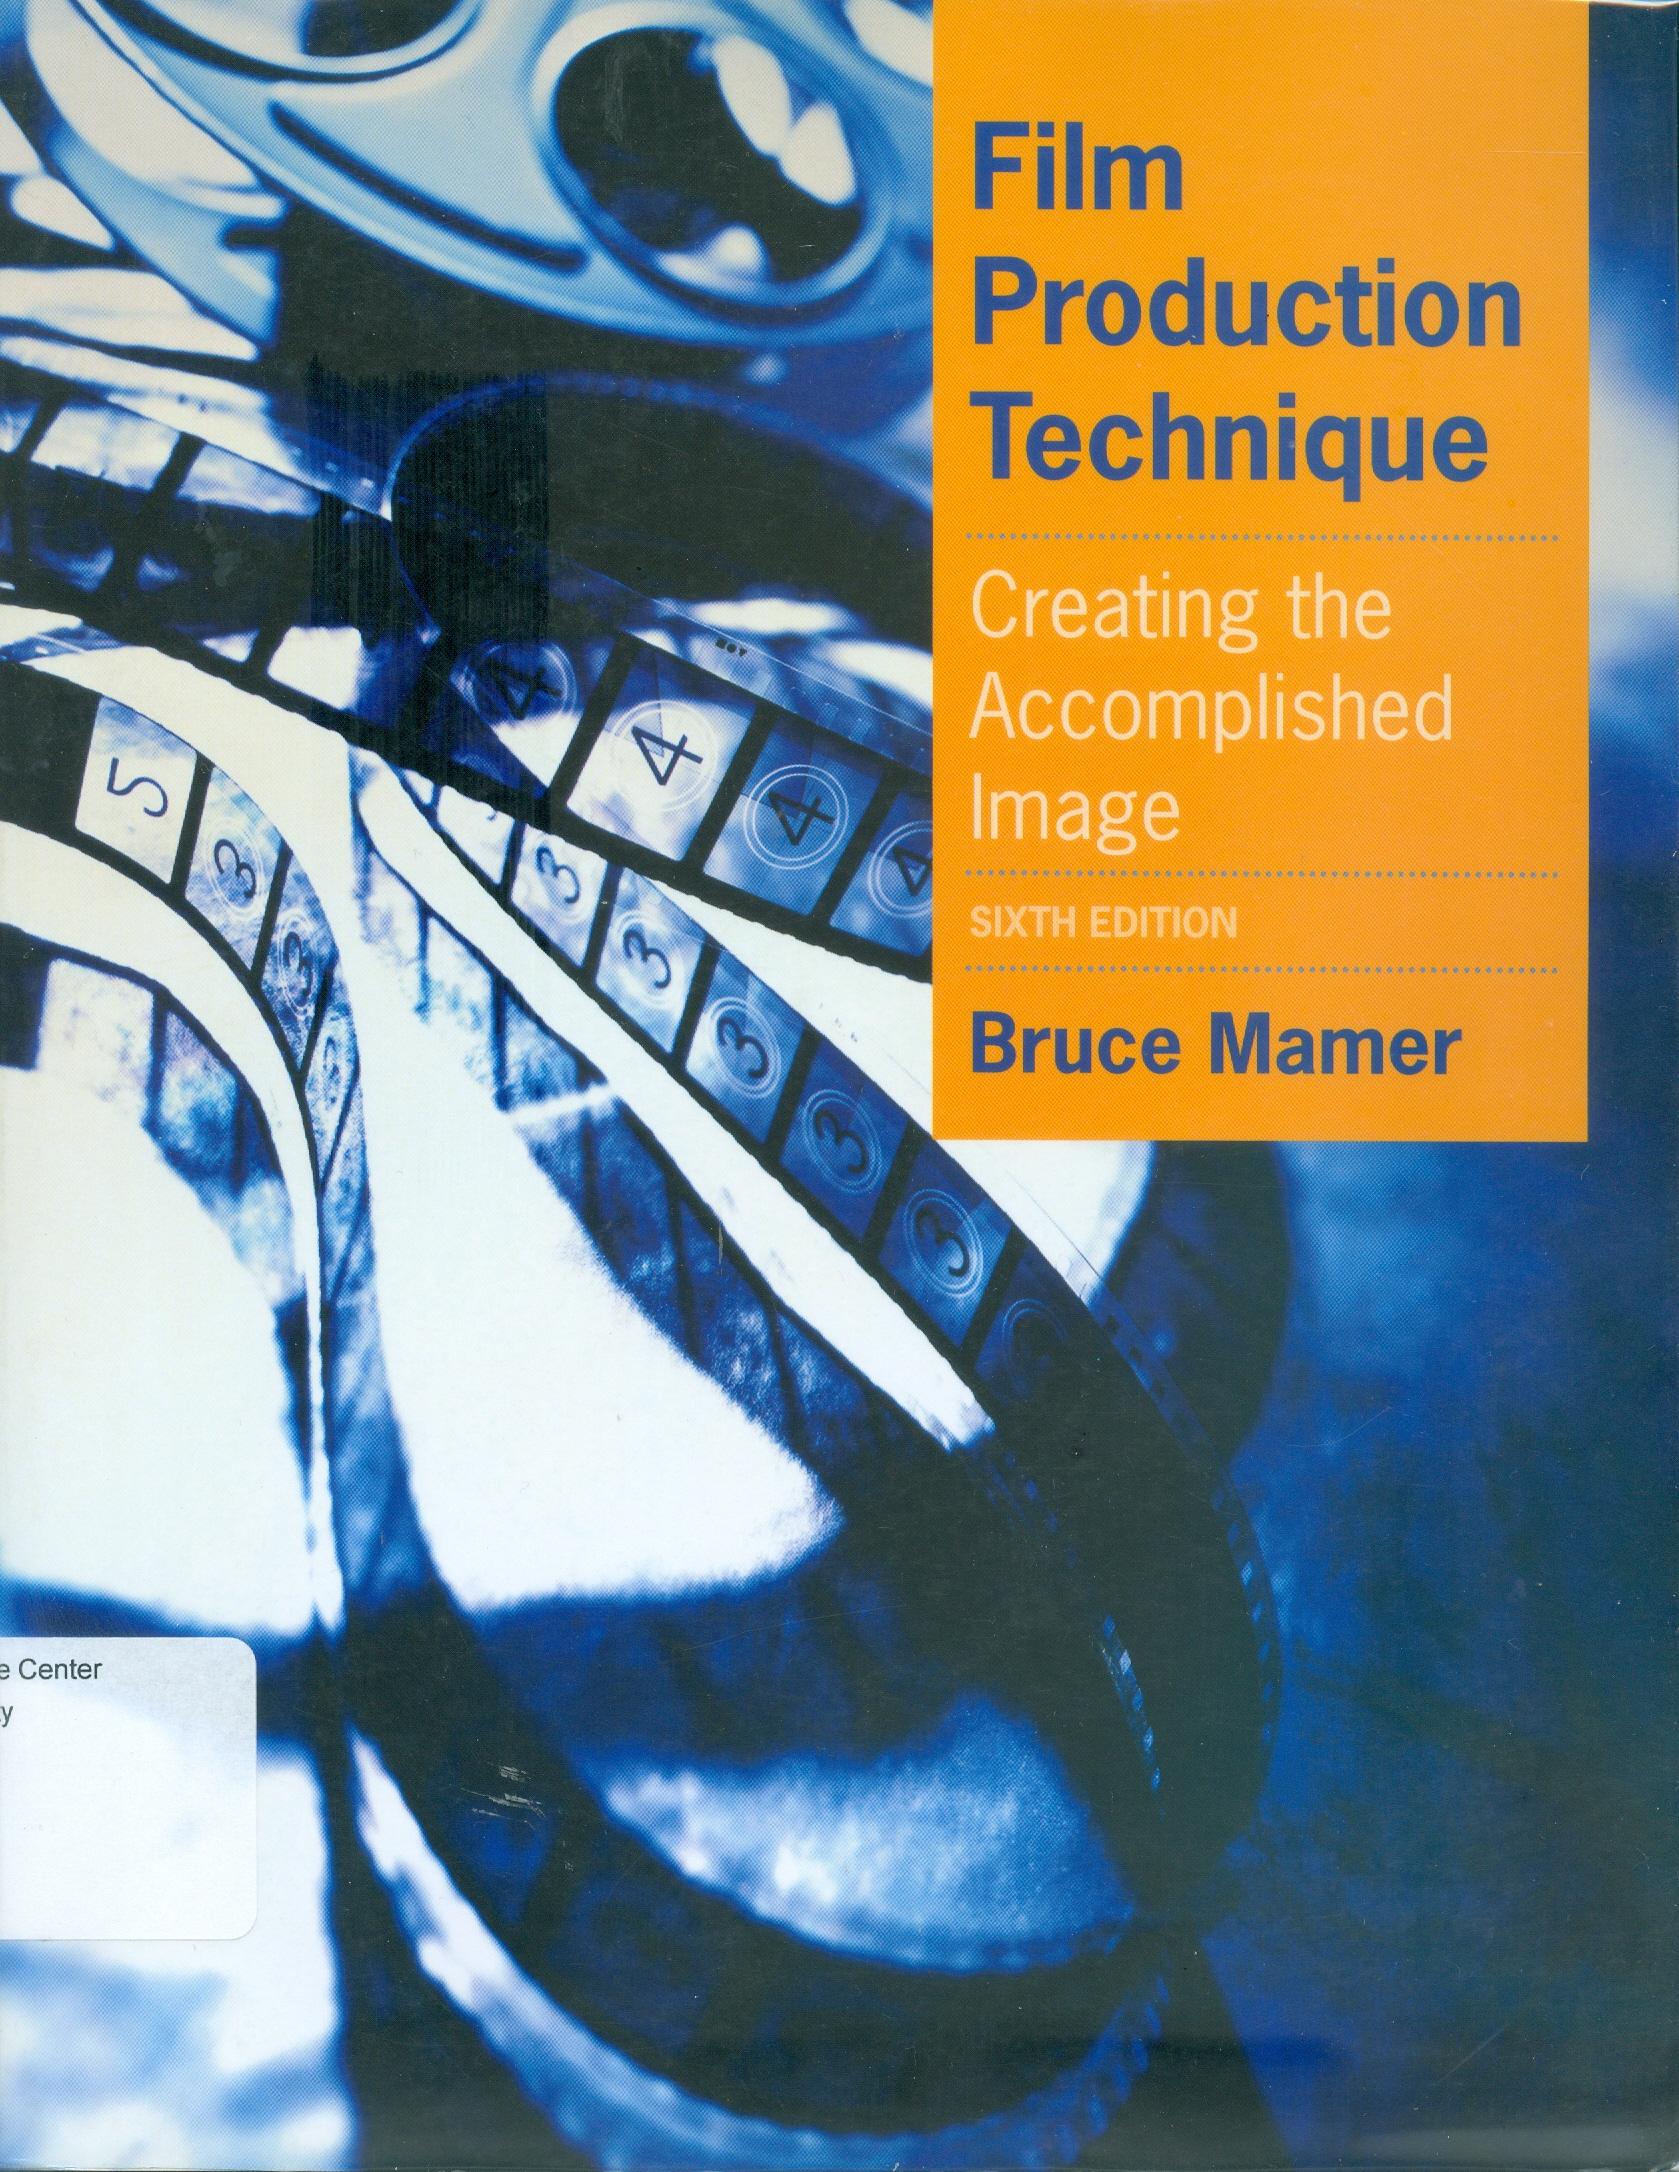 Film Production Technique0001.jpg